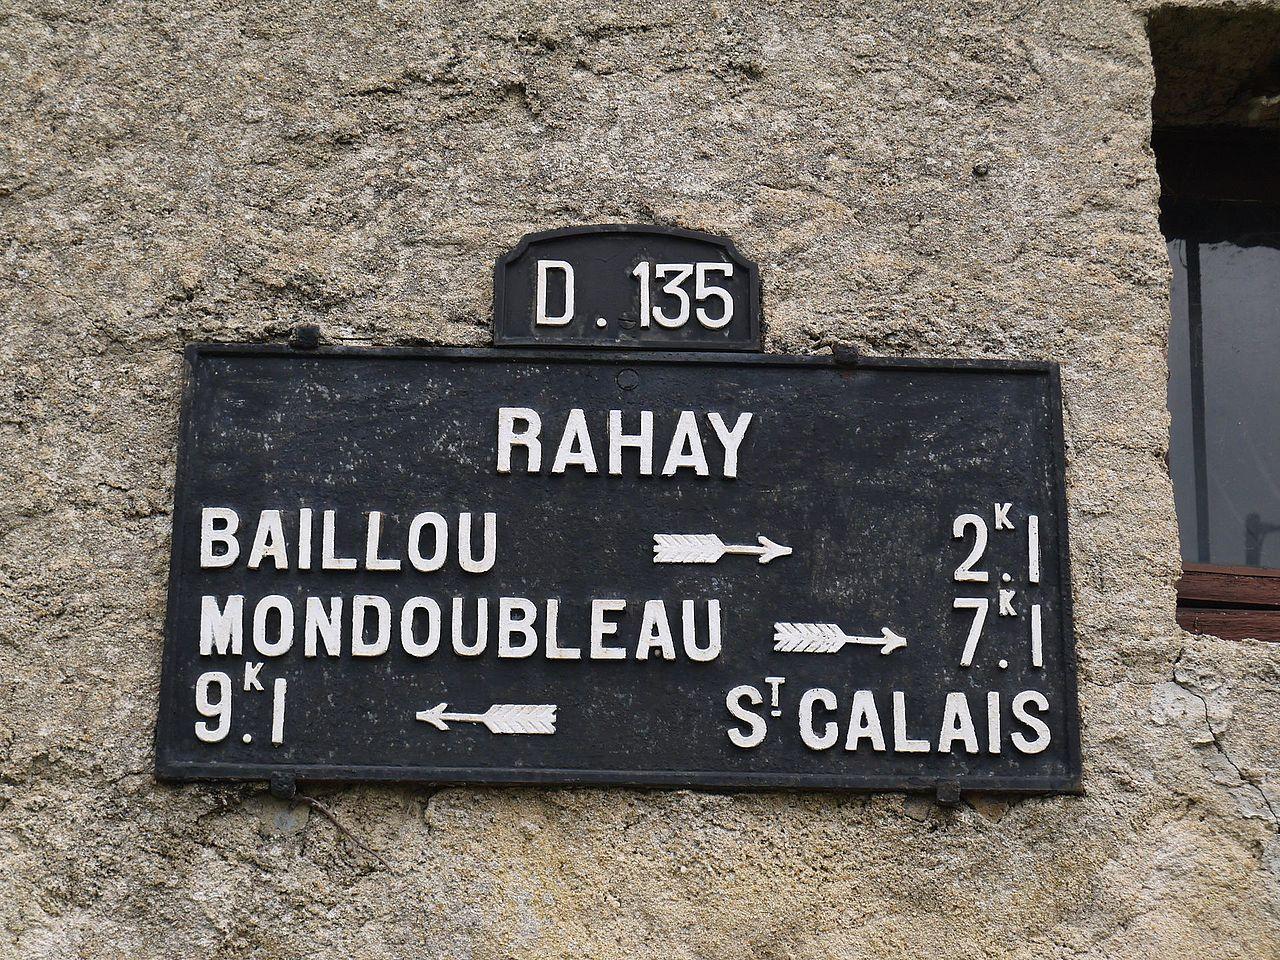 Rahay - Plaque de cocher - Baillou - Mondoubleau - Saint Calais (Source Internet, Simon de l'Ouest)